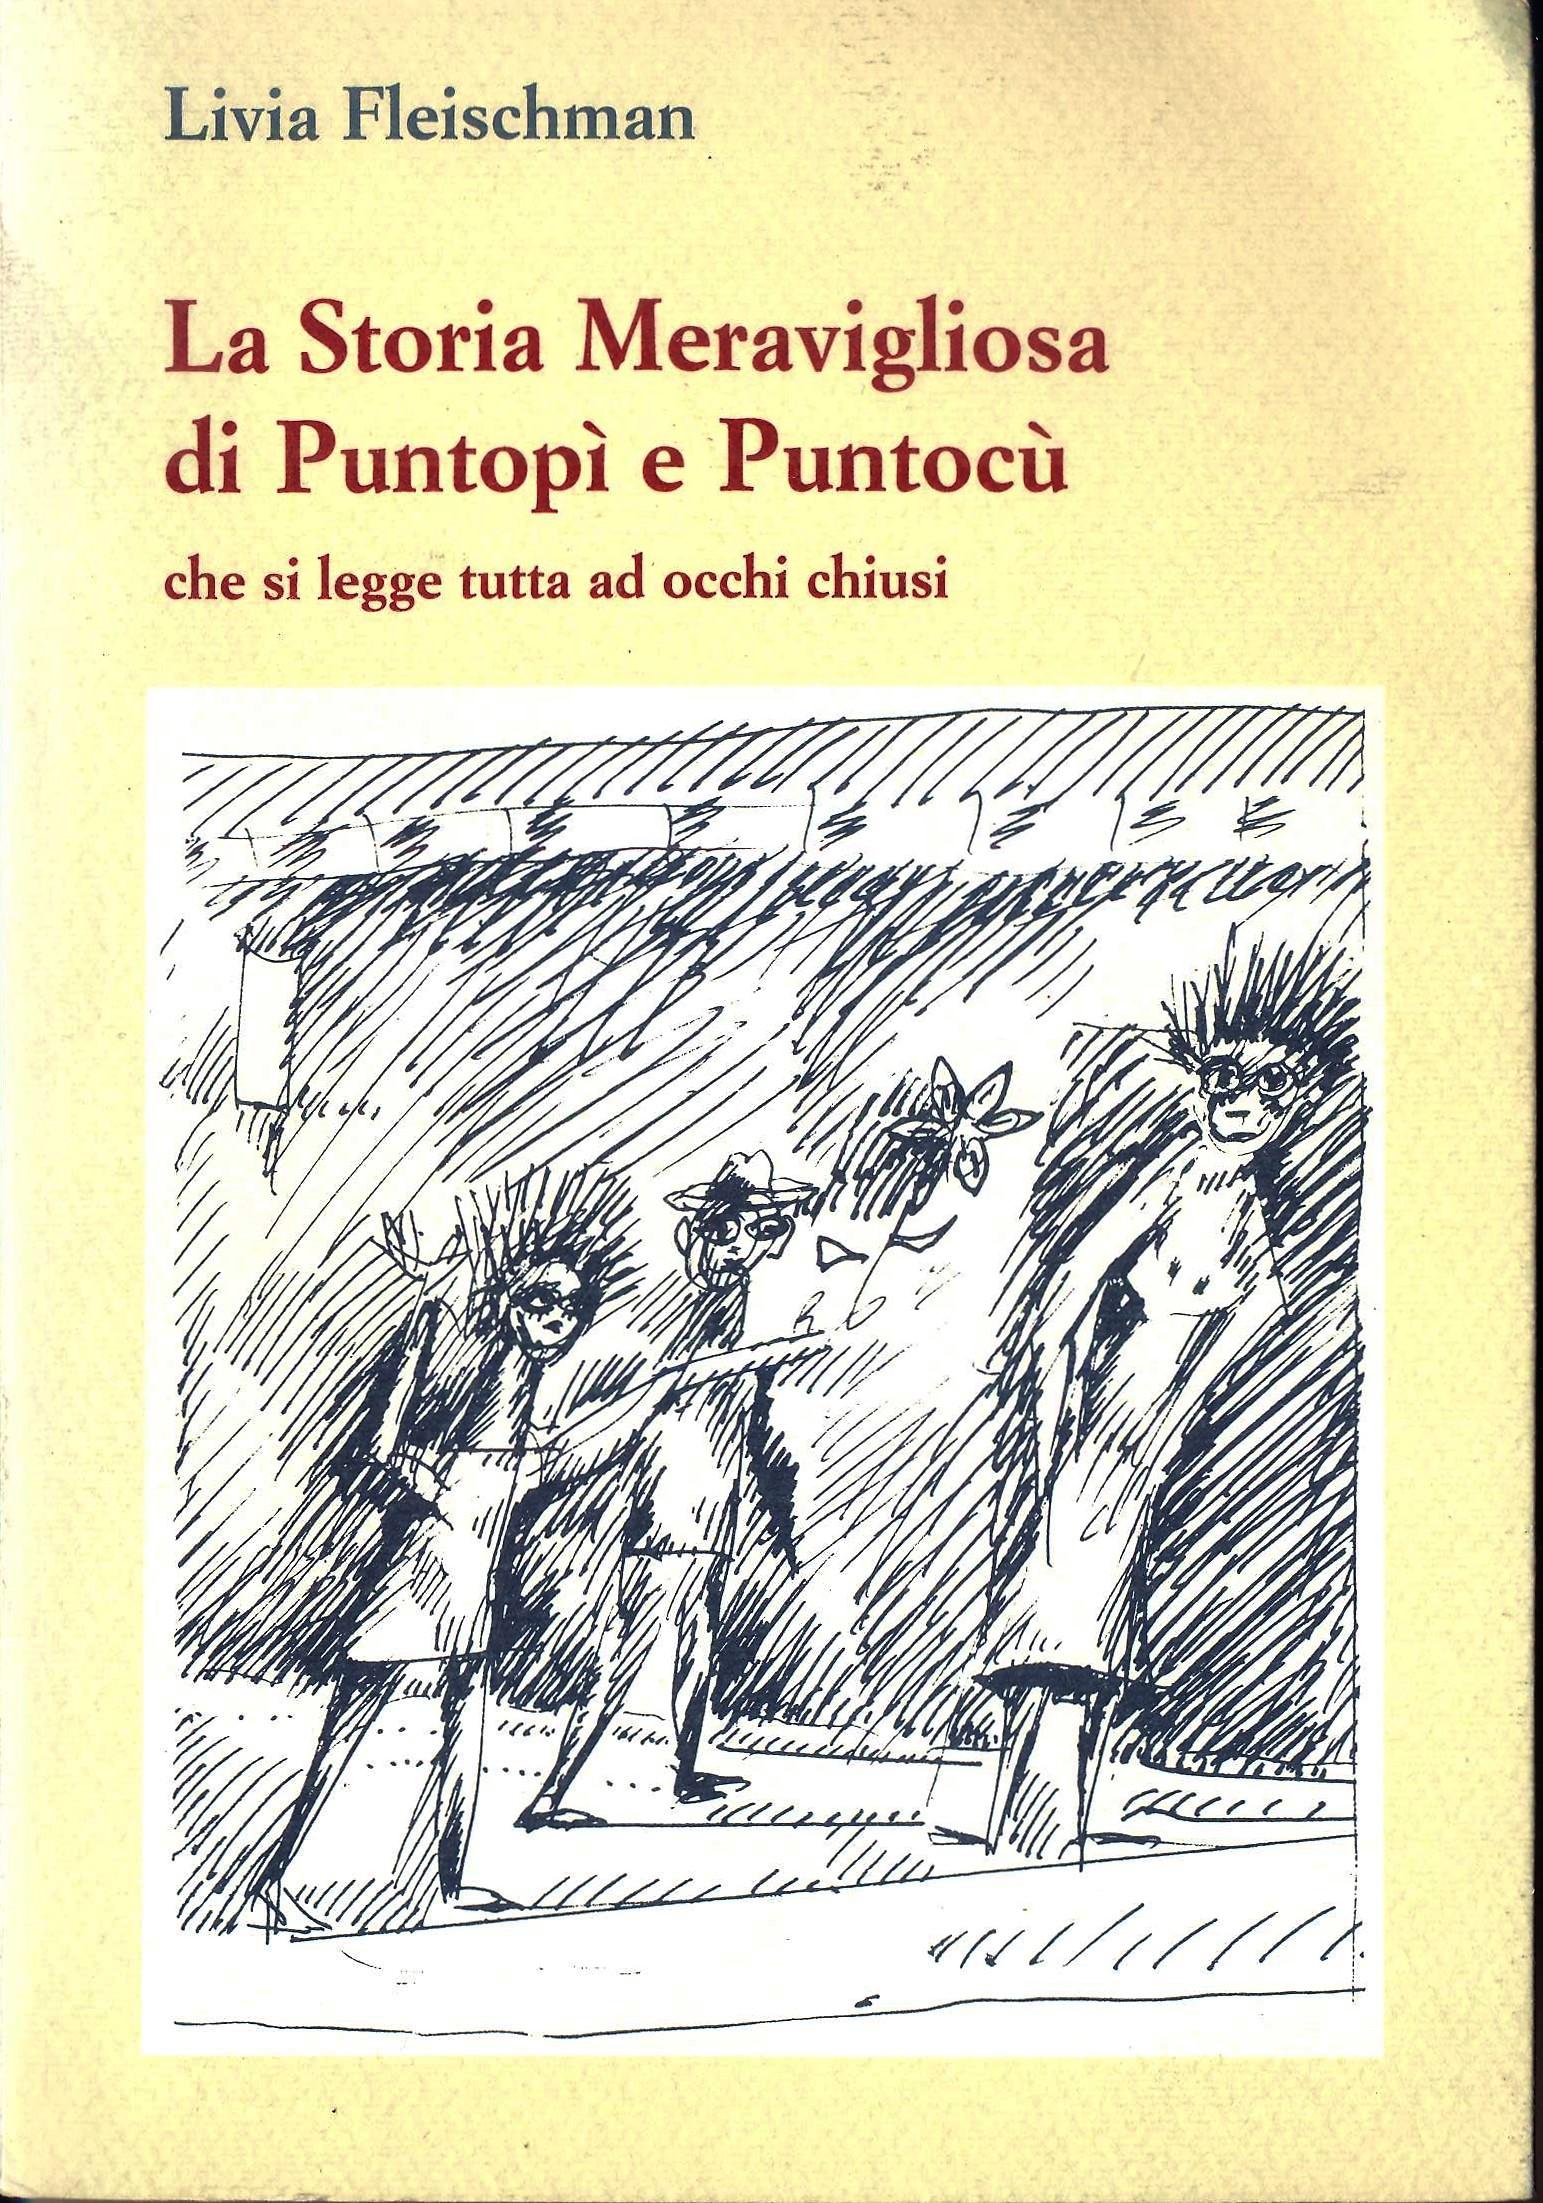 La storia meravigliosa di Puntopì e Puntocù